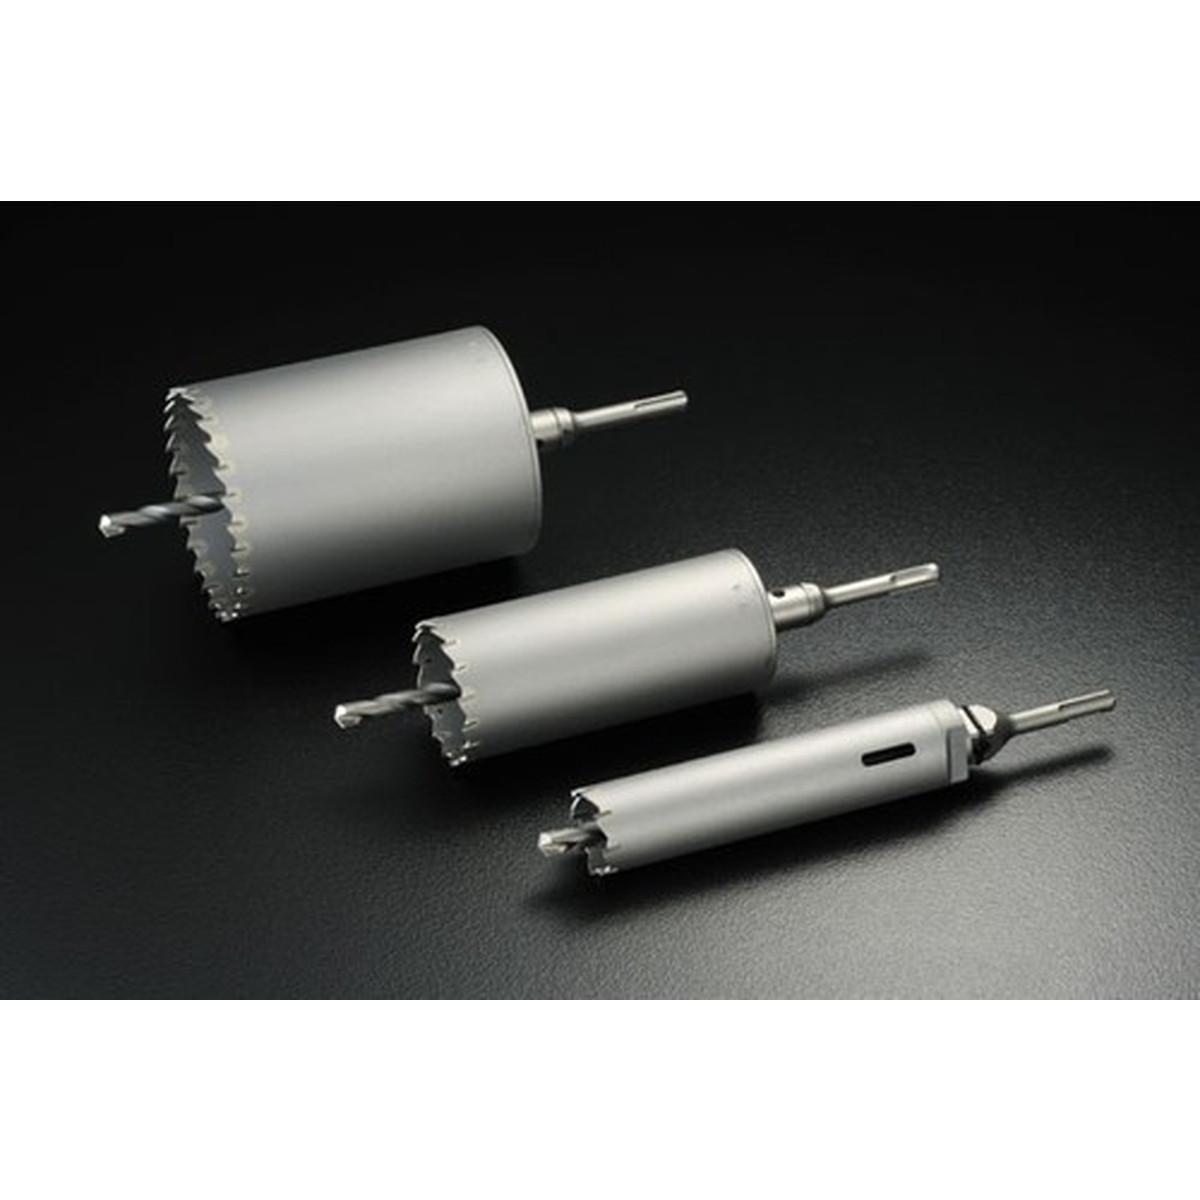 ユニカ(unika) 単機能コアドリルE&S(イーエス) 乾式ダイヤ SDSシャンク ES-V38SDS【クーポン配布中】